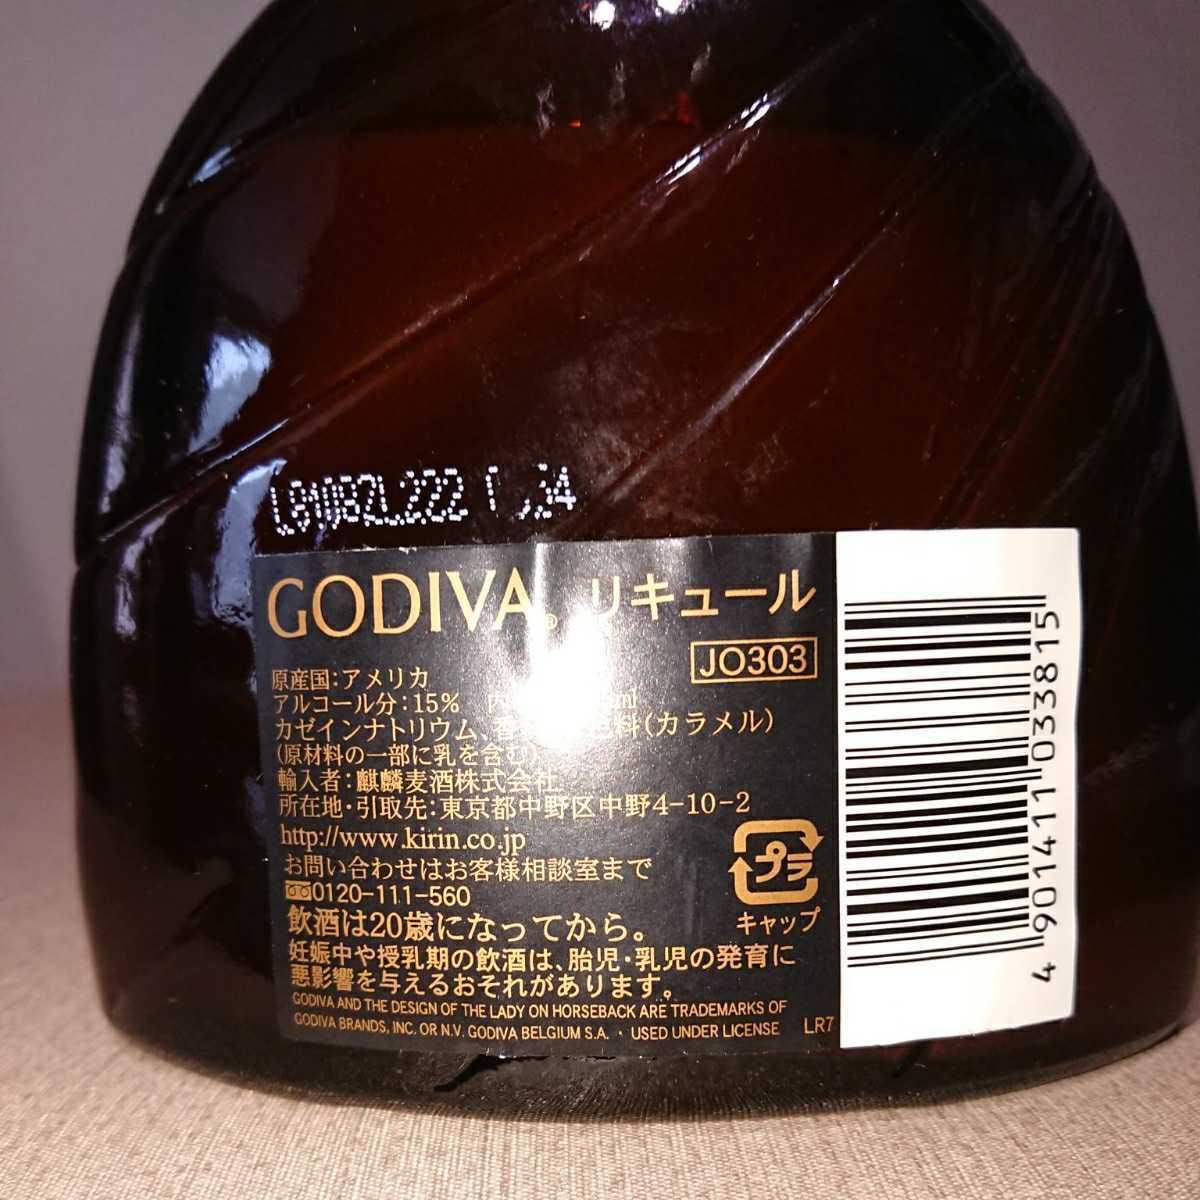 【送料無料】GODIVA ゴディバ チョコレートリキュール 箱無し 開封済 残量約半分_画像3